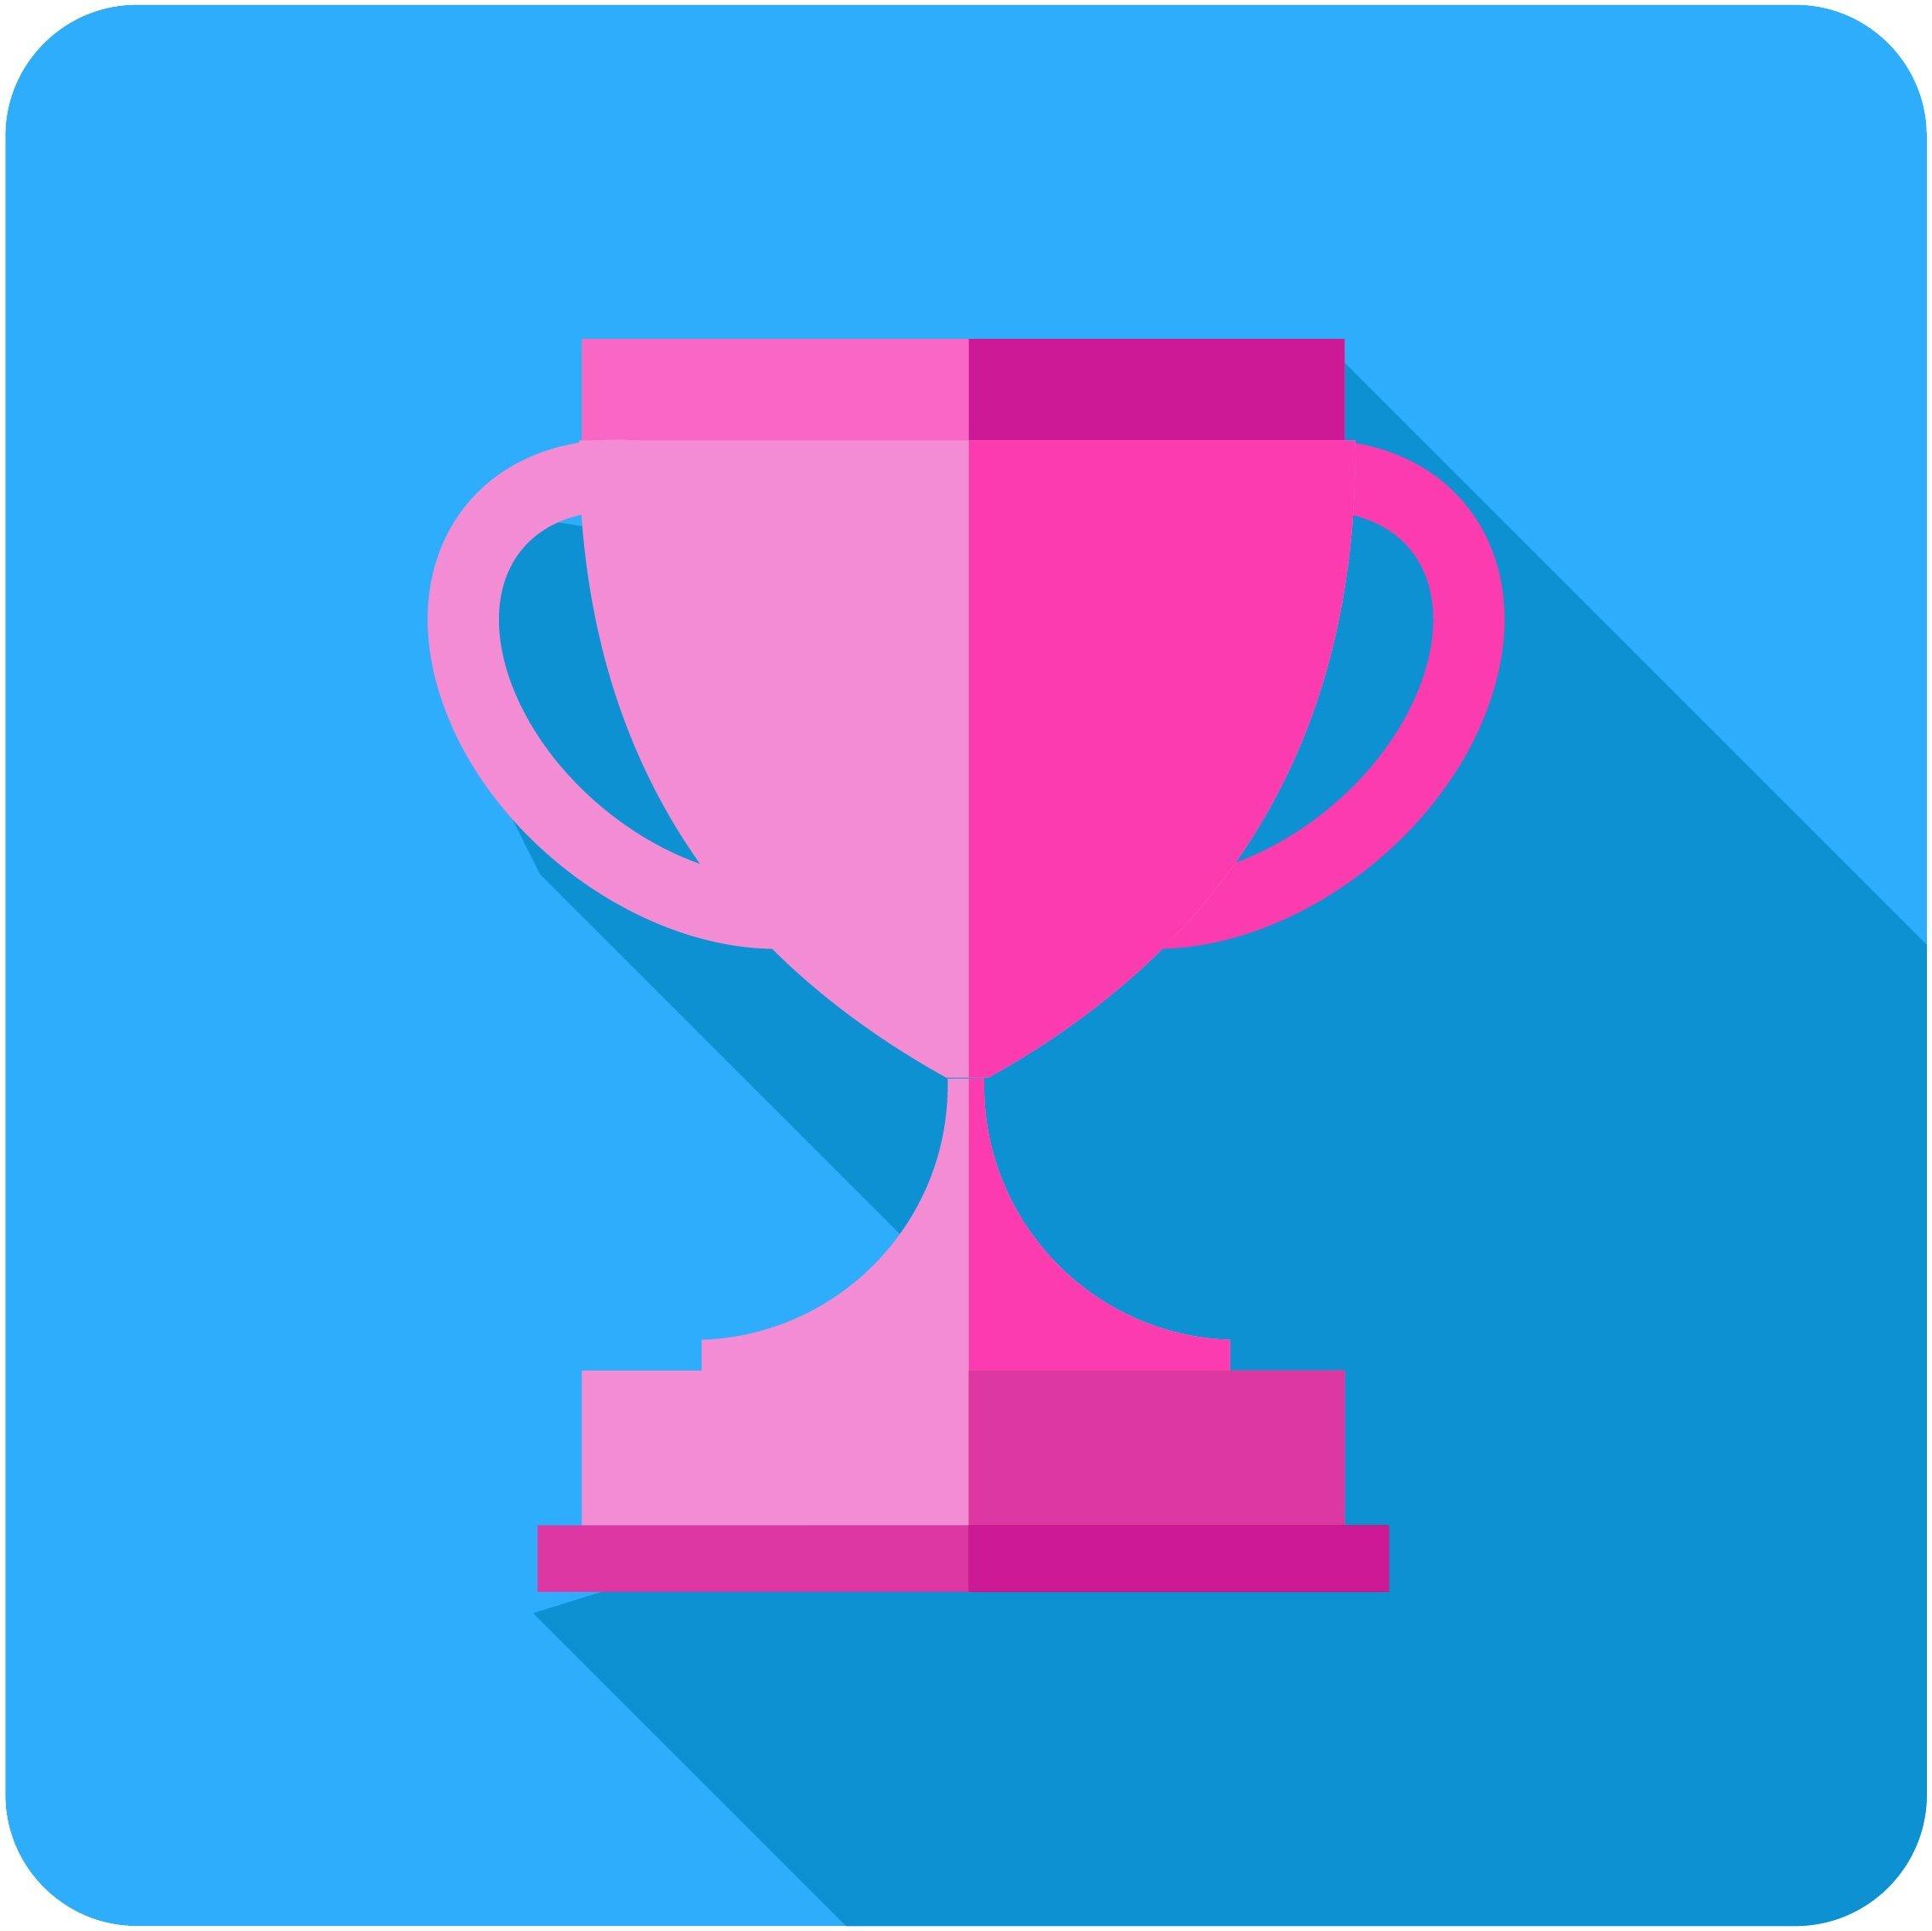 A sports trophy